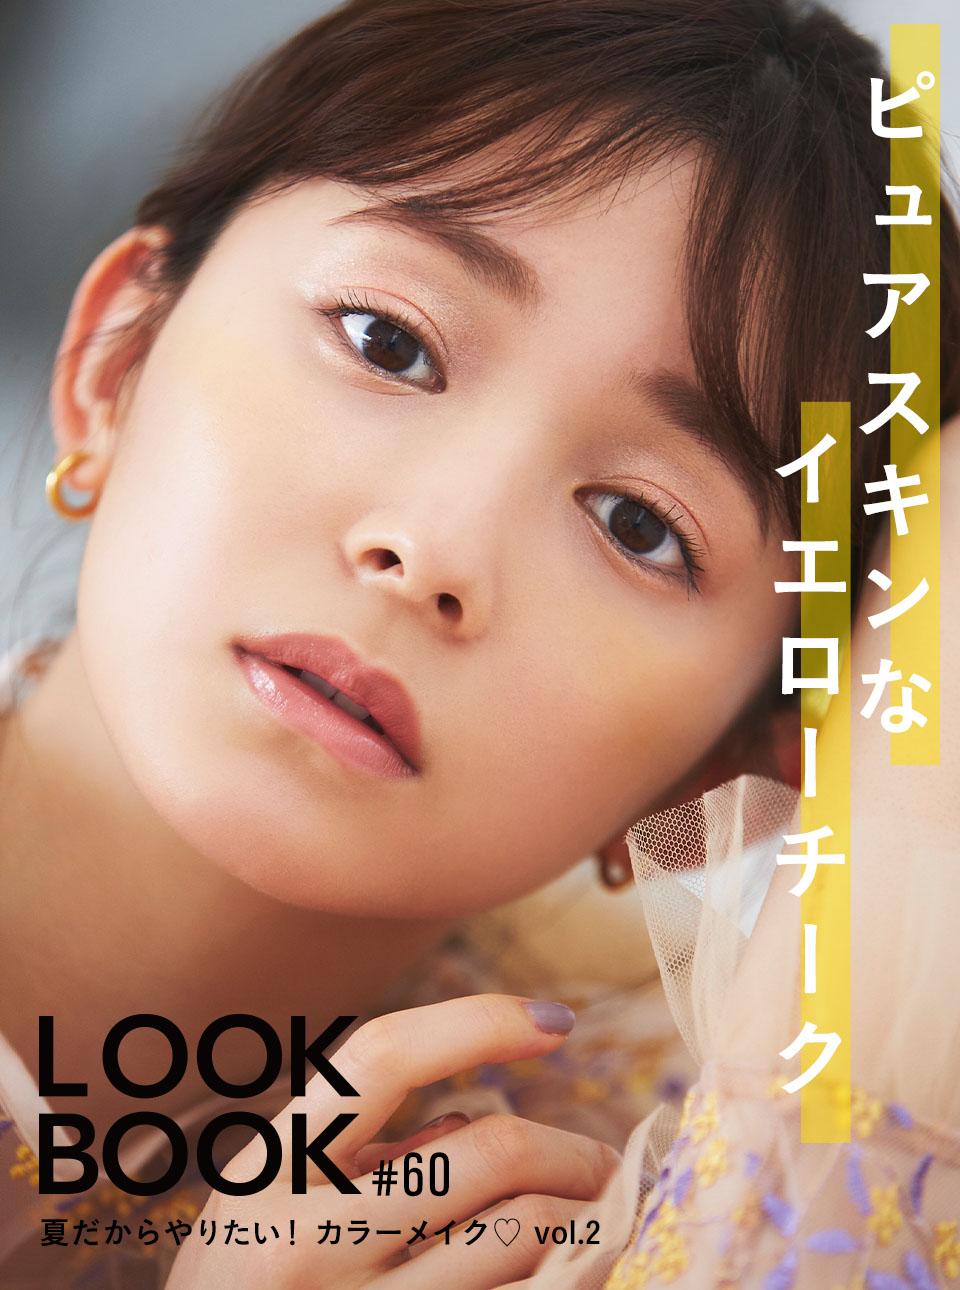 LOOKBOOK60